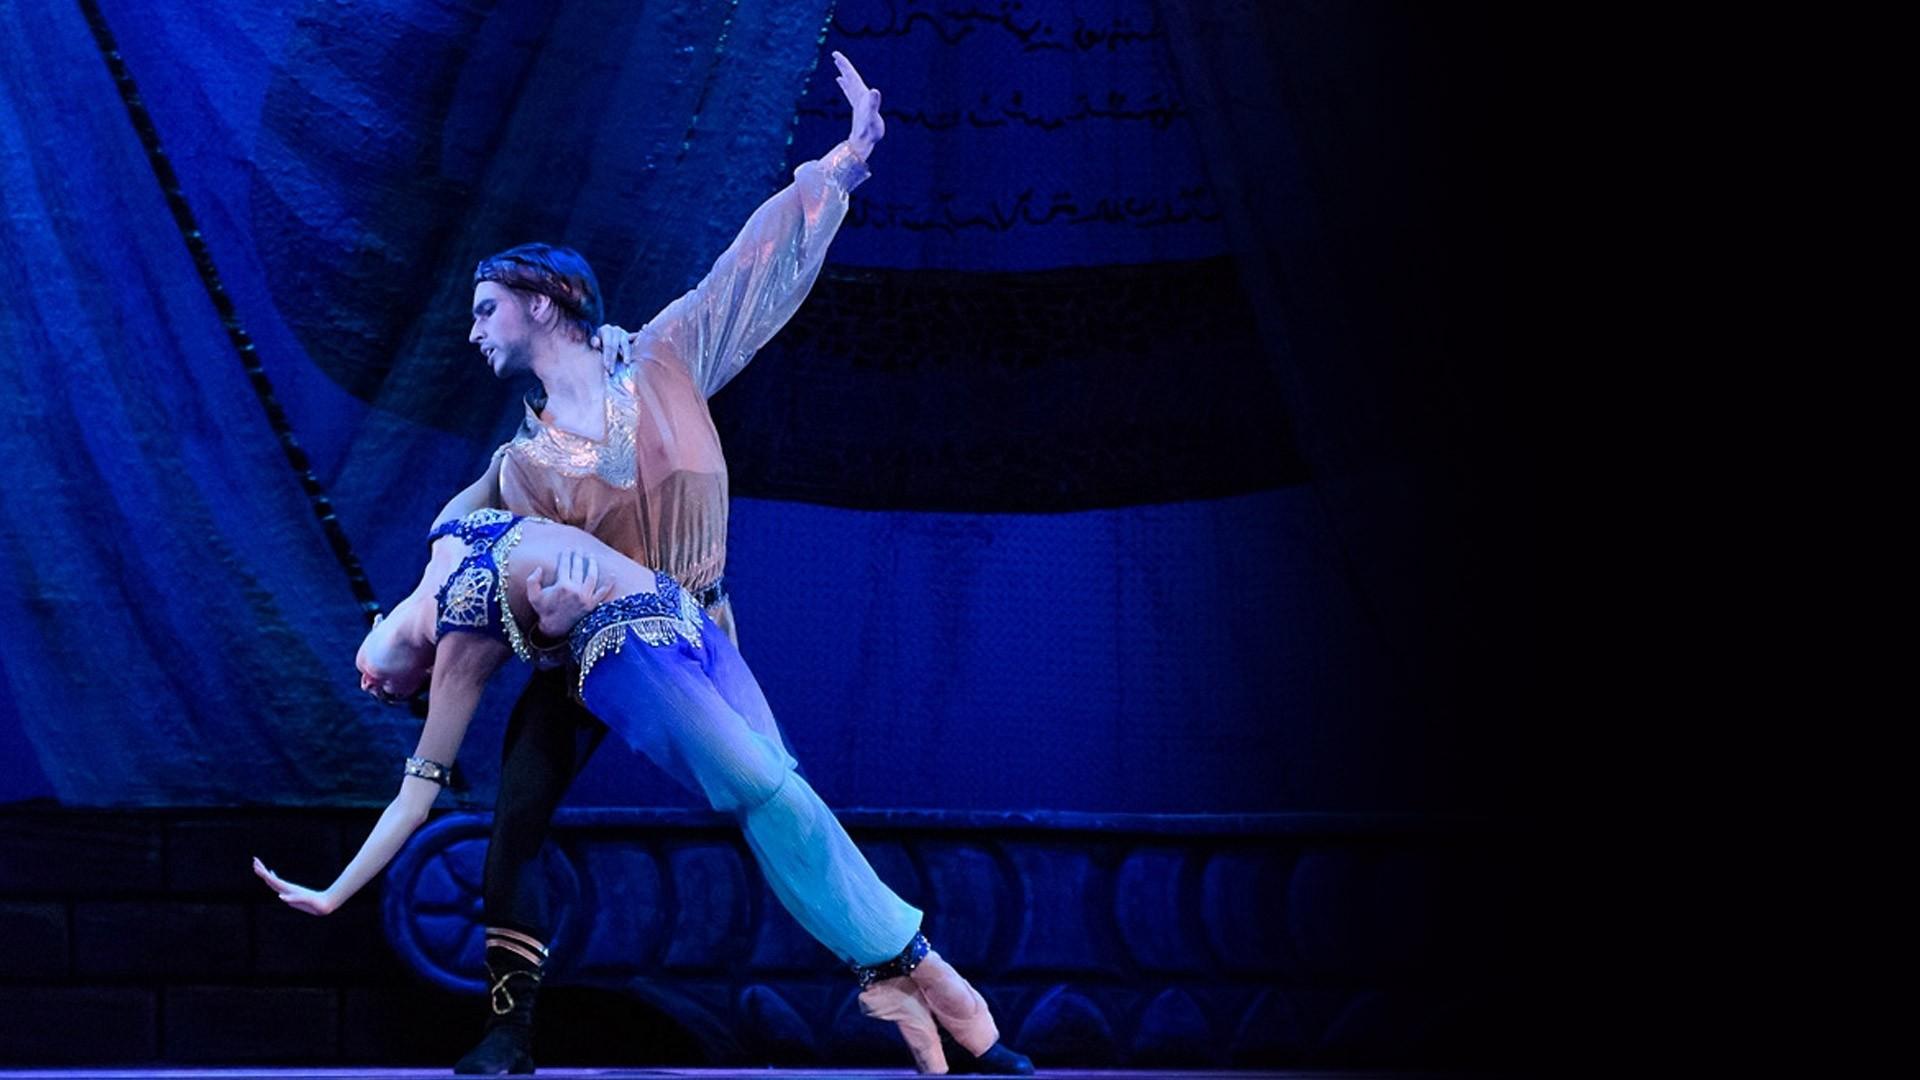 «Кремлёвский балет» покажет «Тысячу и одну ночь» на родине спектакля